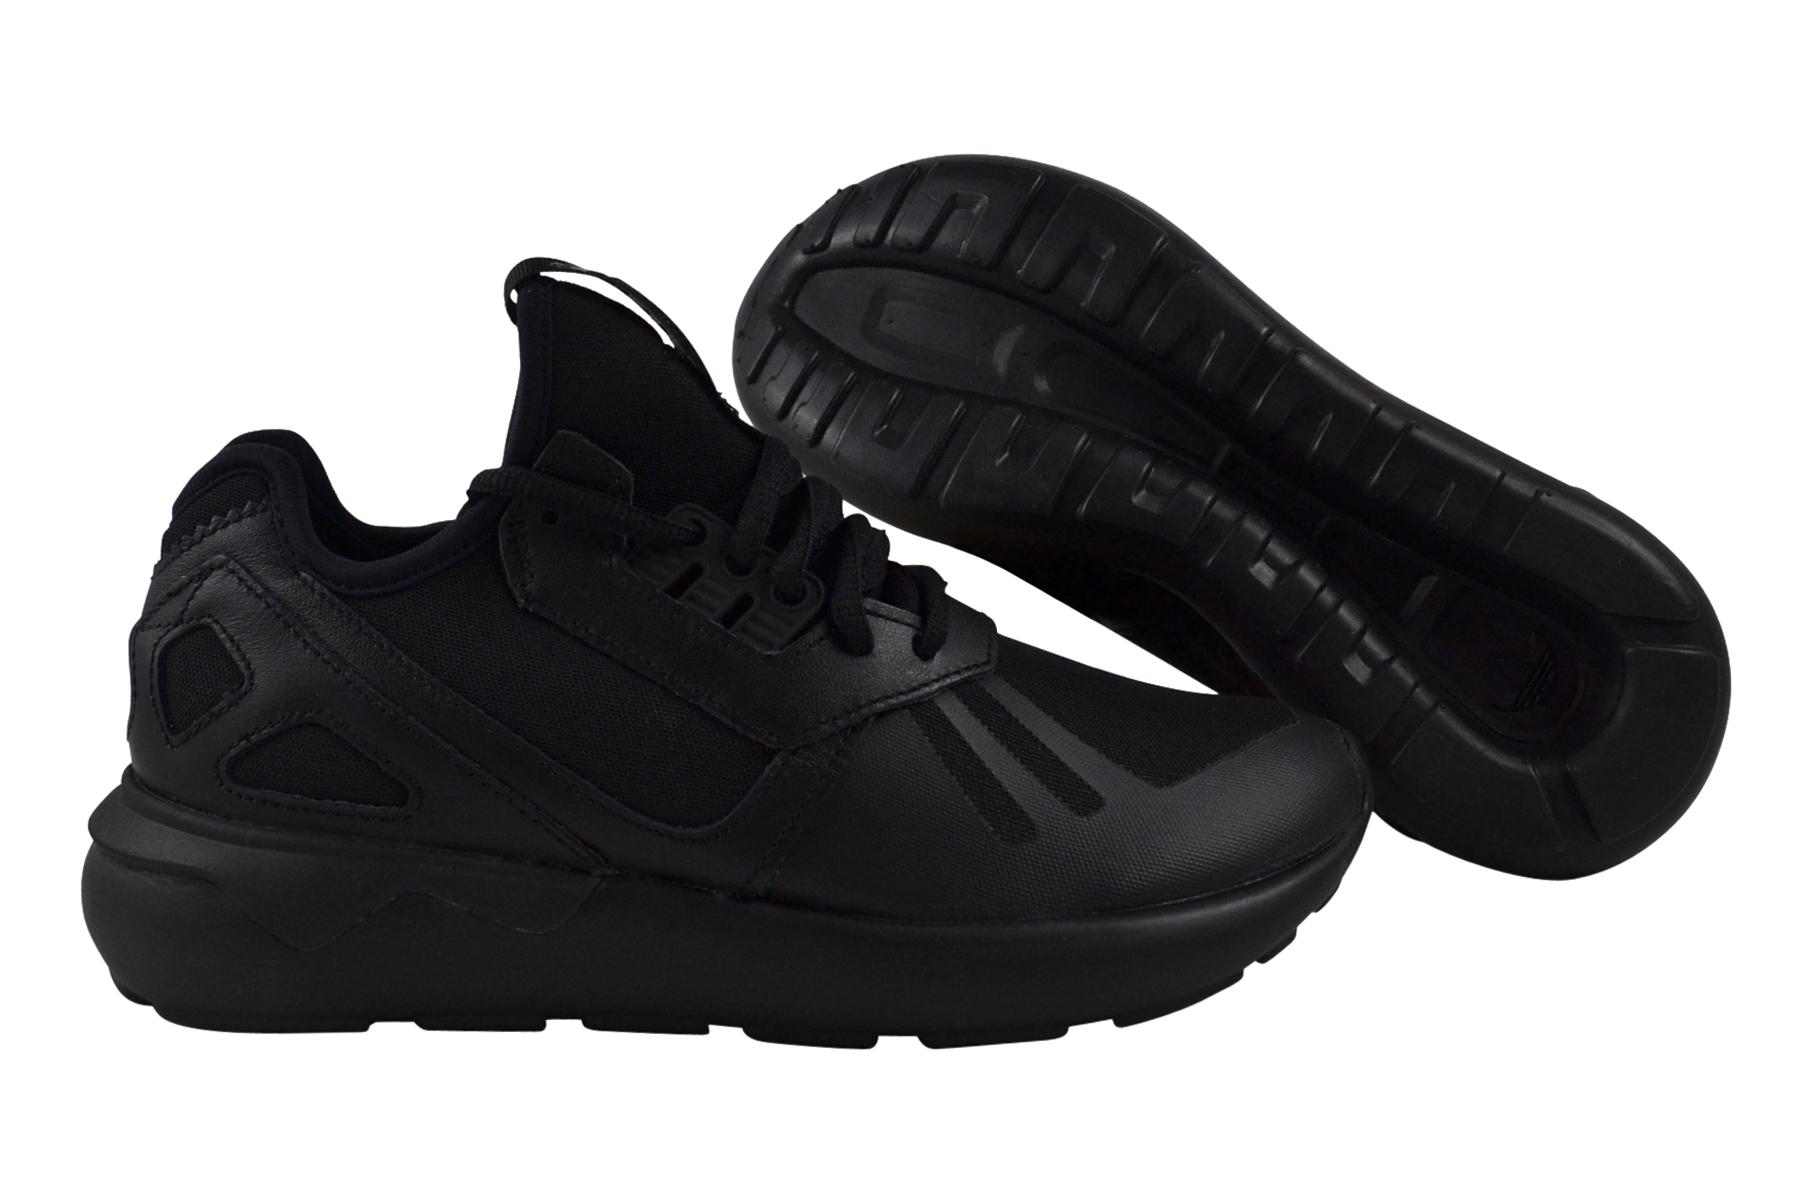 Adidas Tubular Runner core black unisex Damen Herren Schuhe schwarz B25089